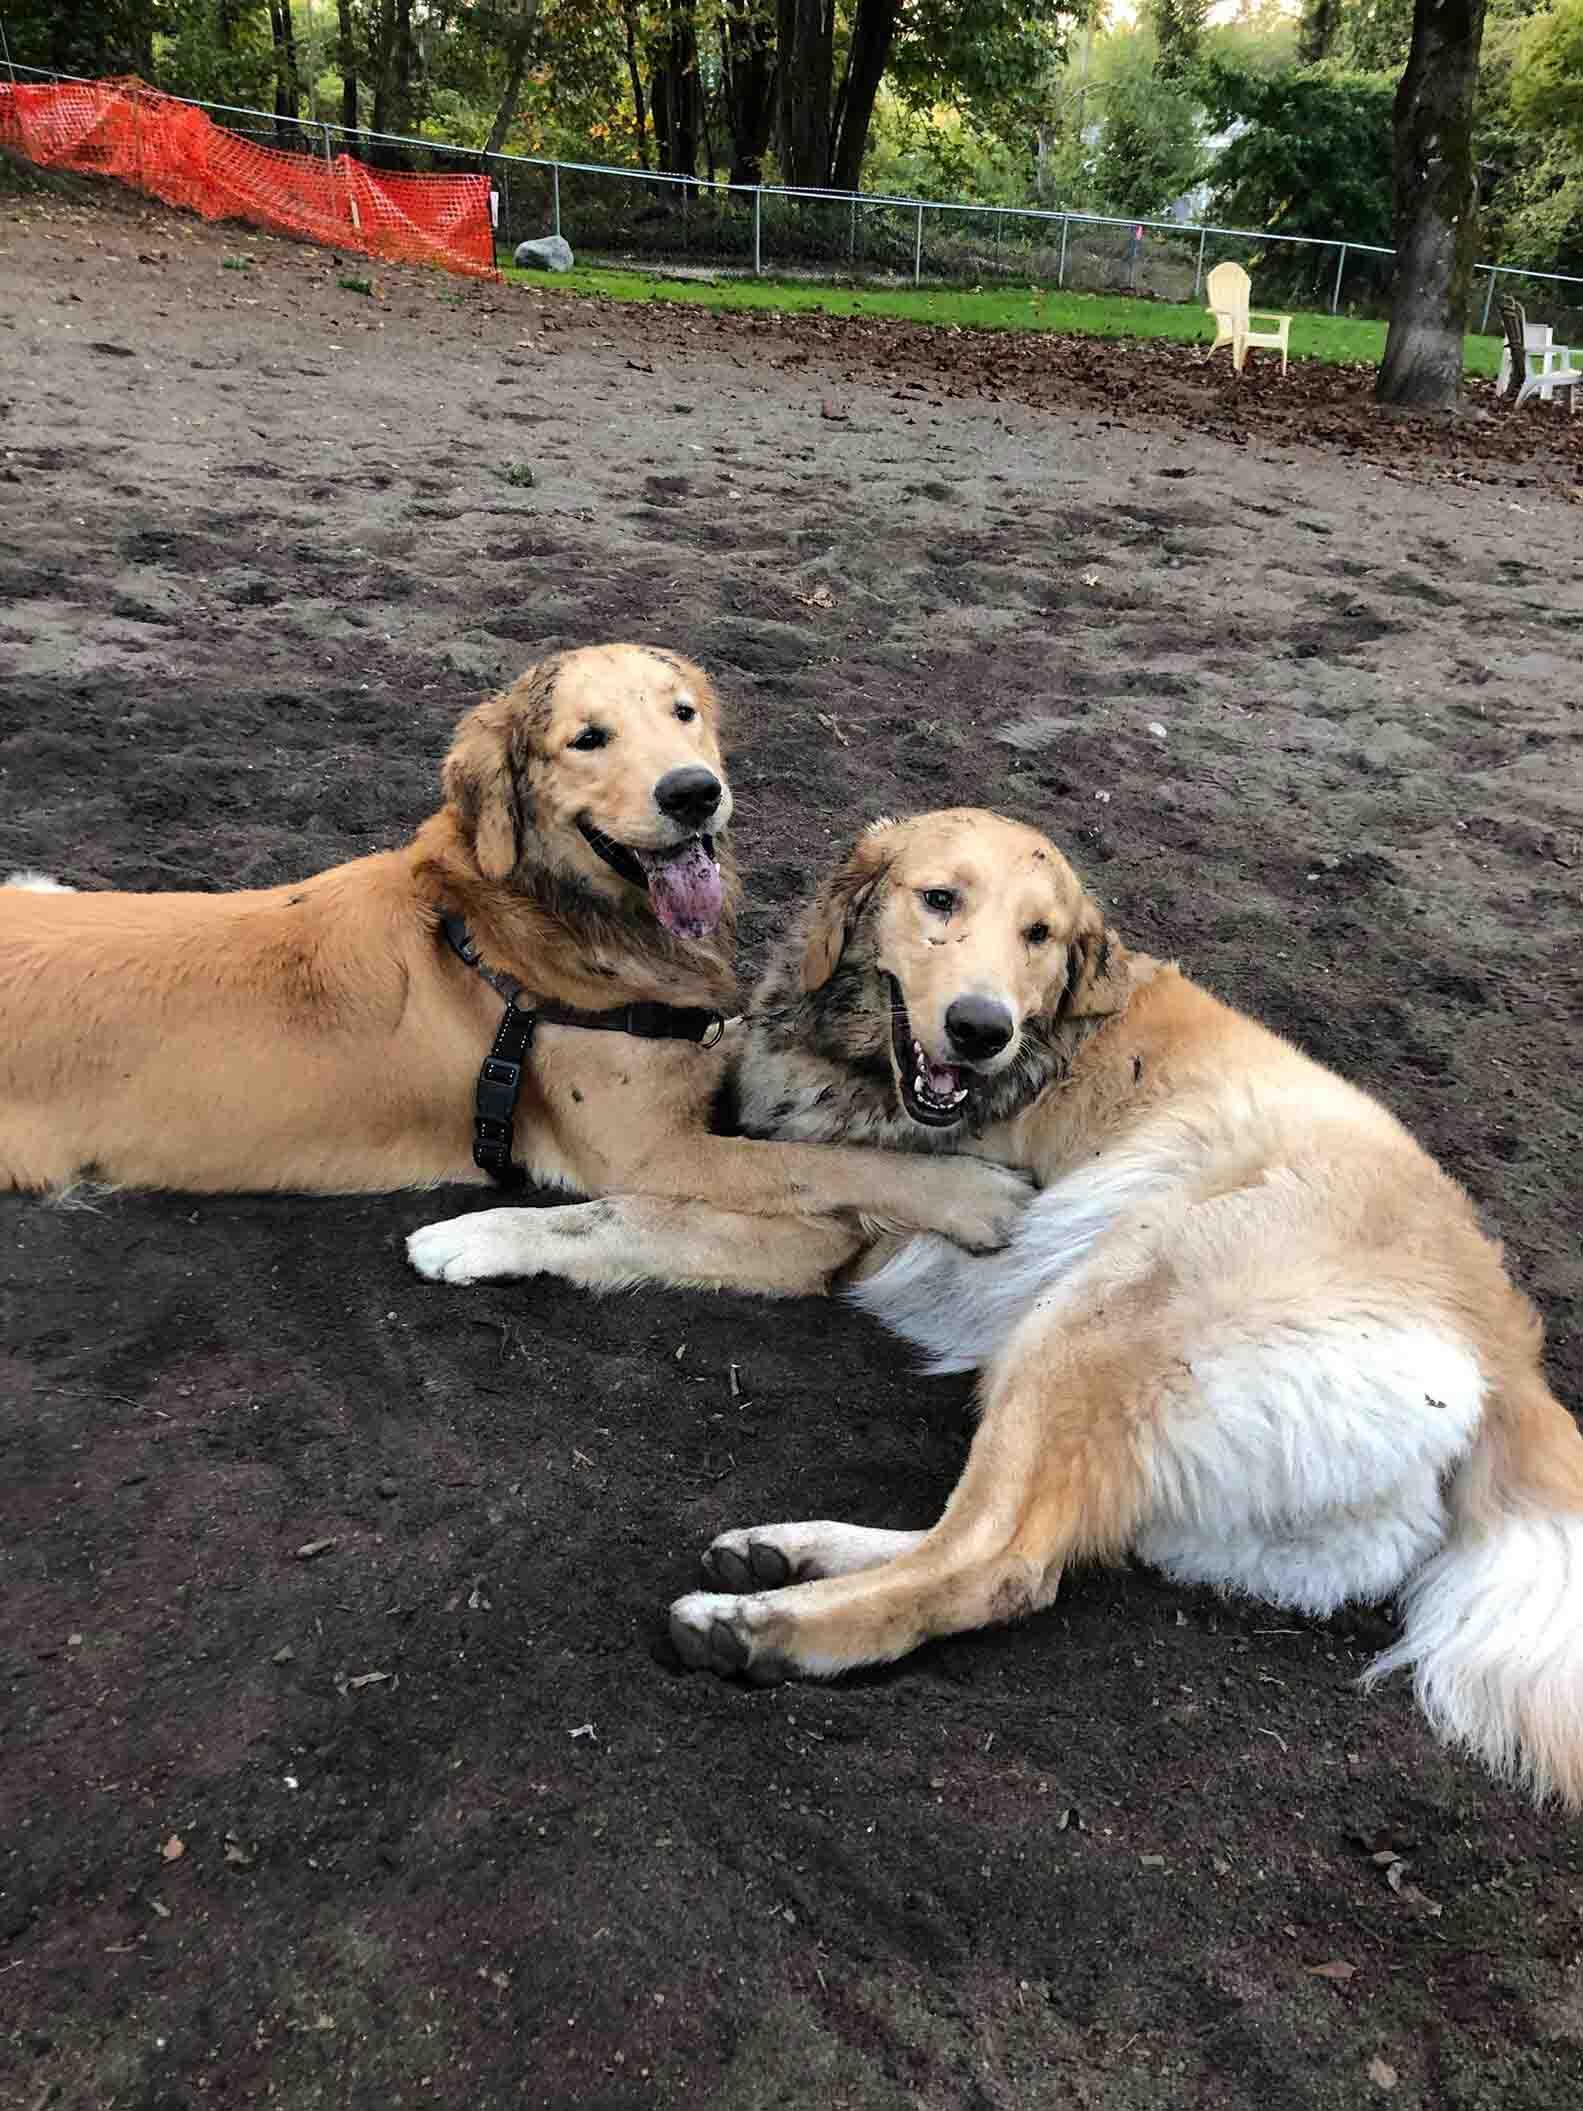 Mascota ve a otro perro en parque para perros y lo reconoce